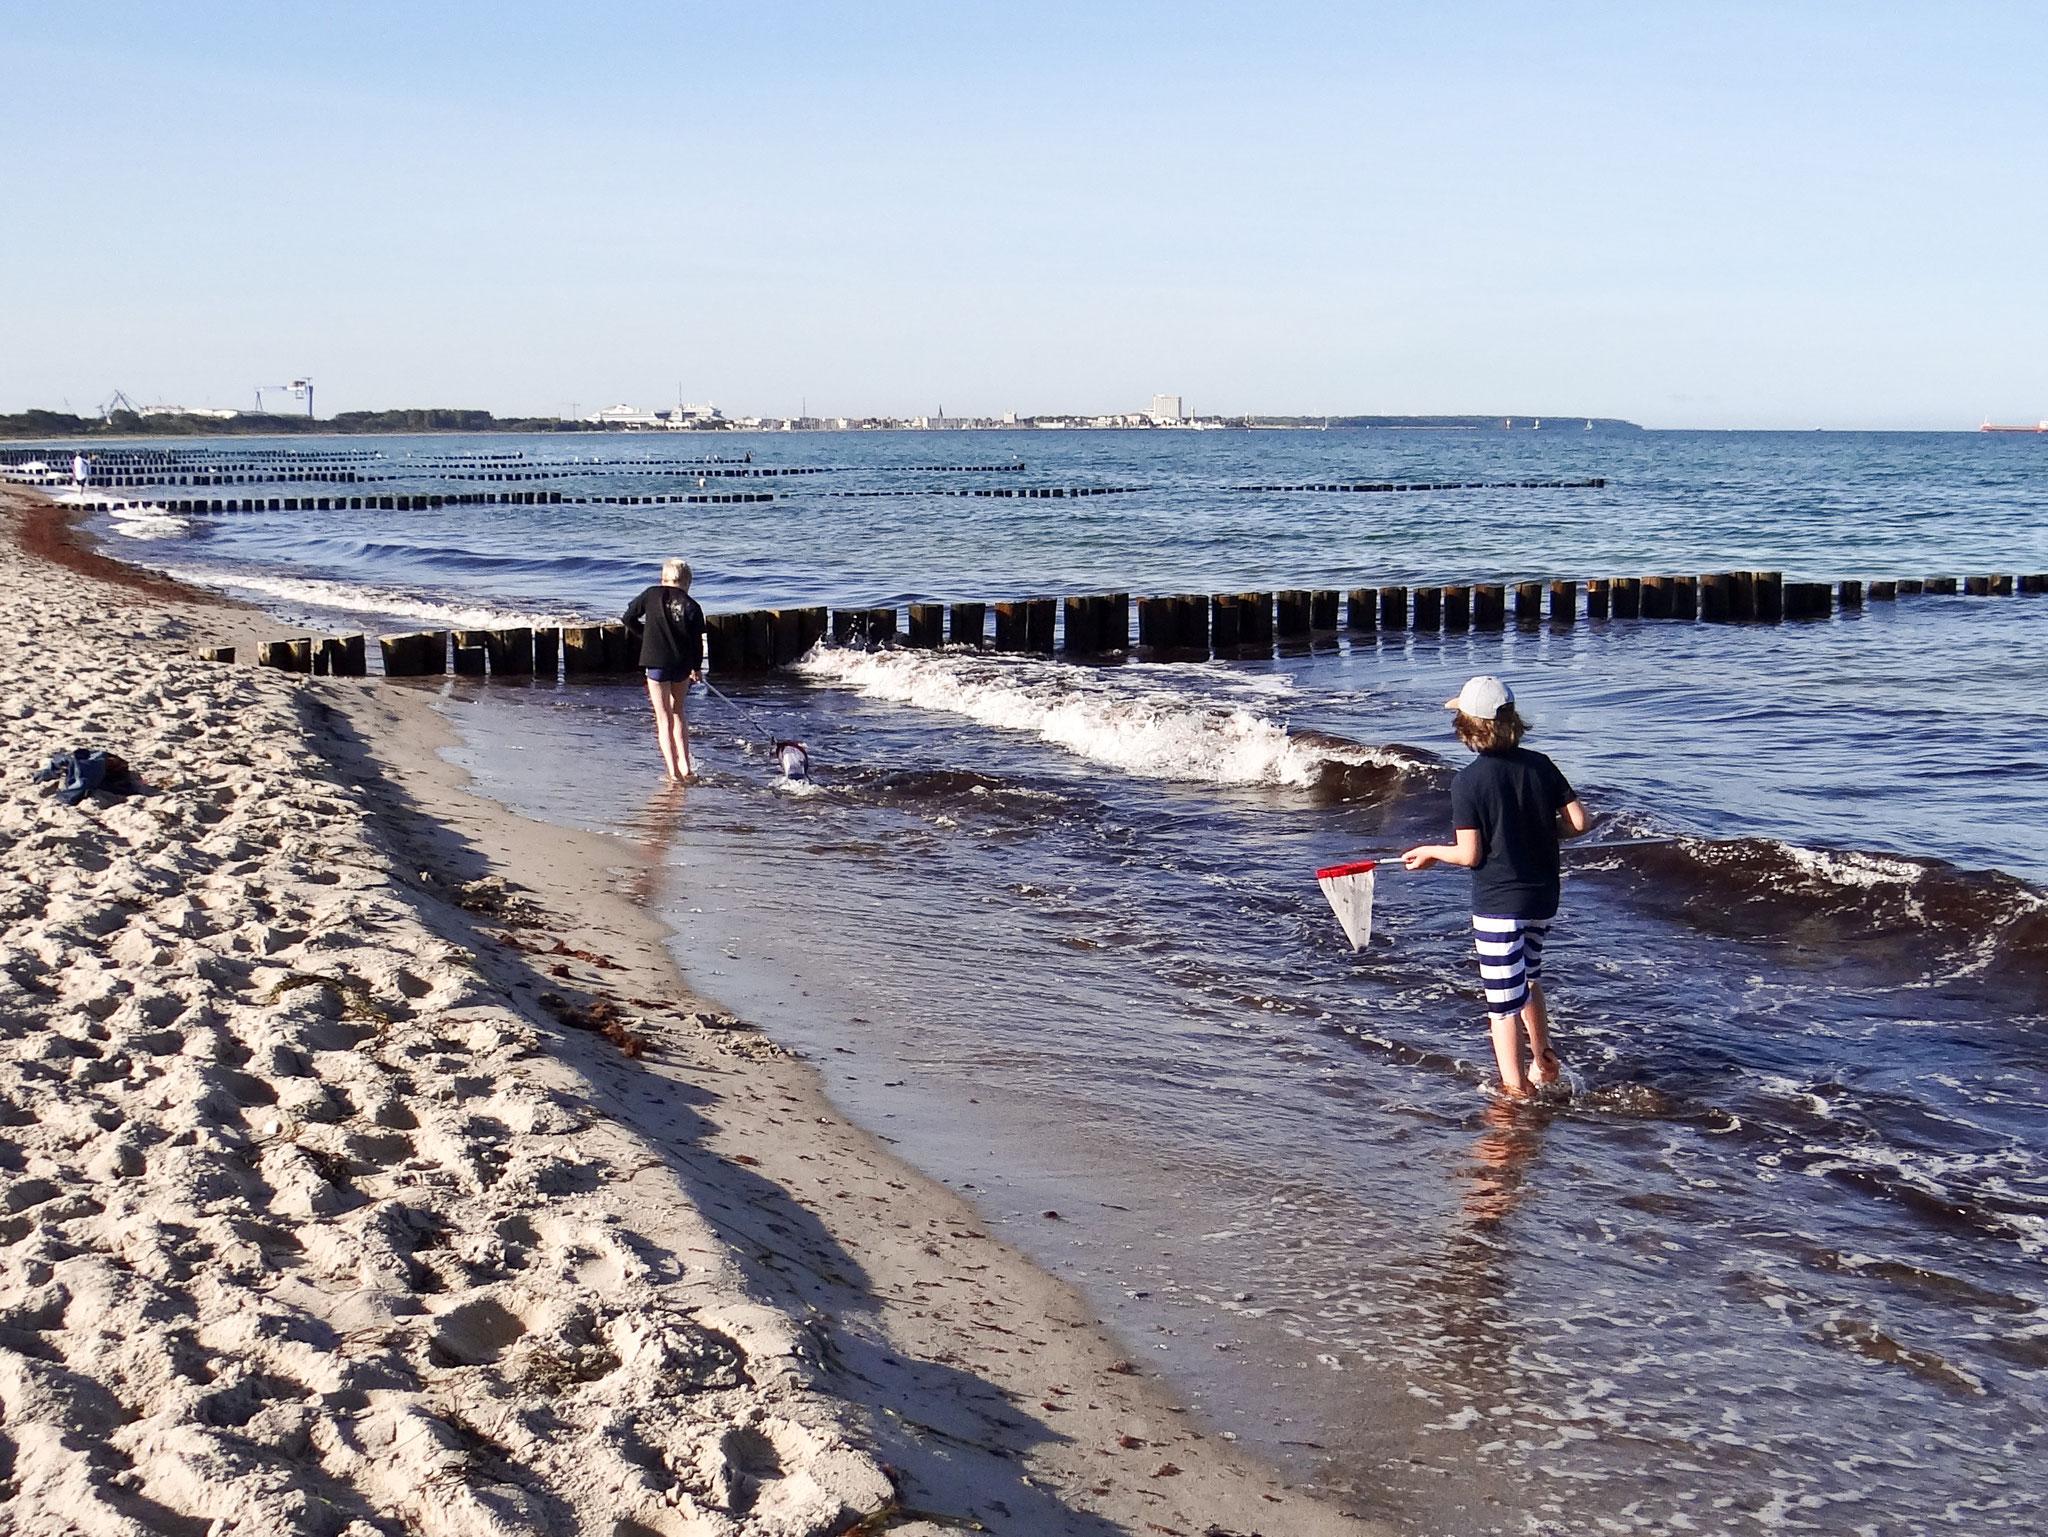 Die Lebewesen in und an der Ostsee nahmen die Rudi-Kinder im September unter die Lupe.